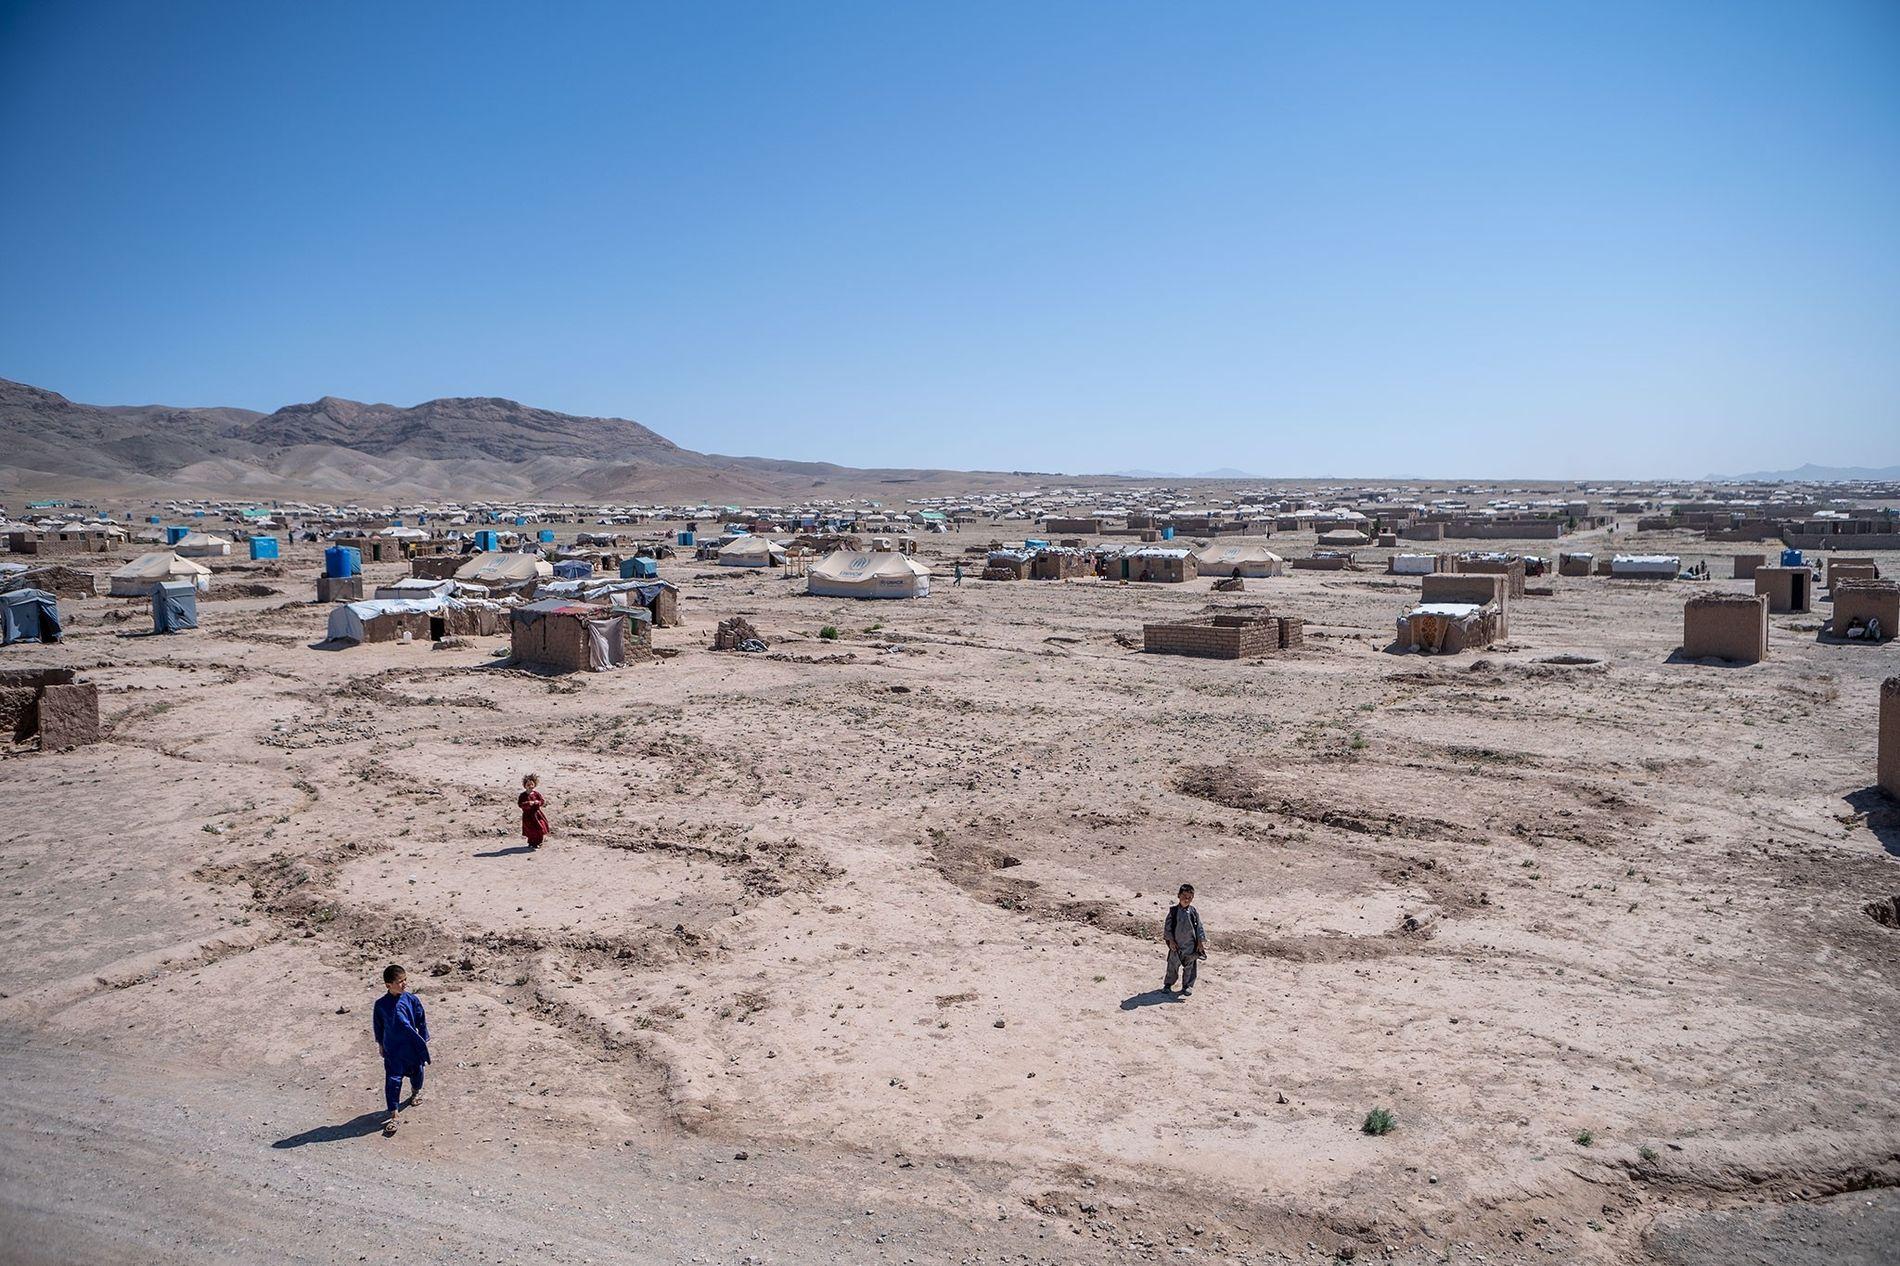 Tendas e abrigos improvisados espalhados pelo vasto campo de Shahrak-e-Sabz, um campo para deslocados internos do ...